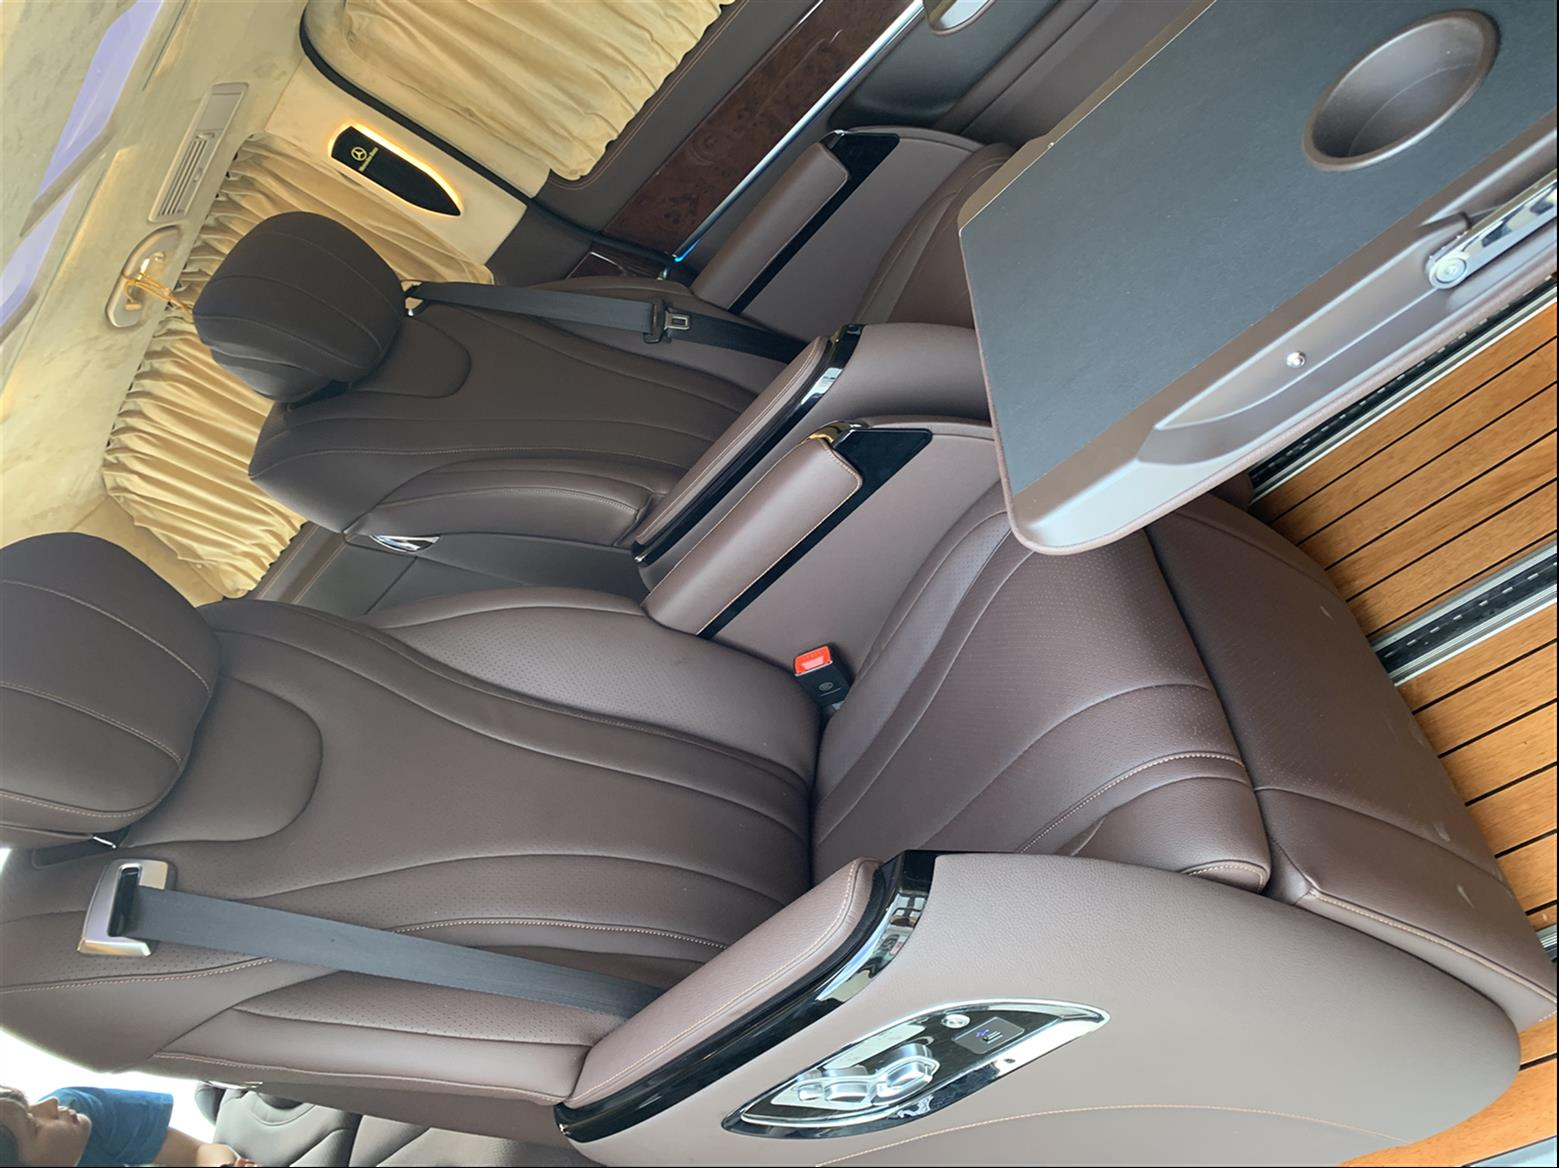 嘉定奔驰G500内饰改装升级航空座椅木地板